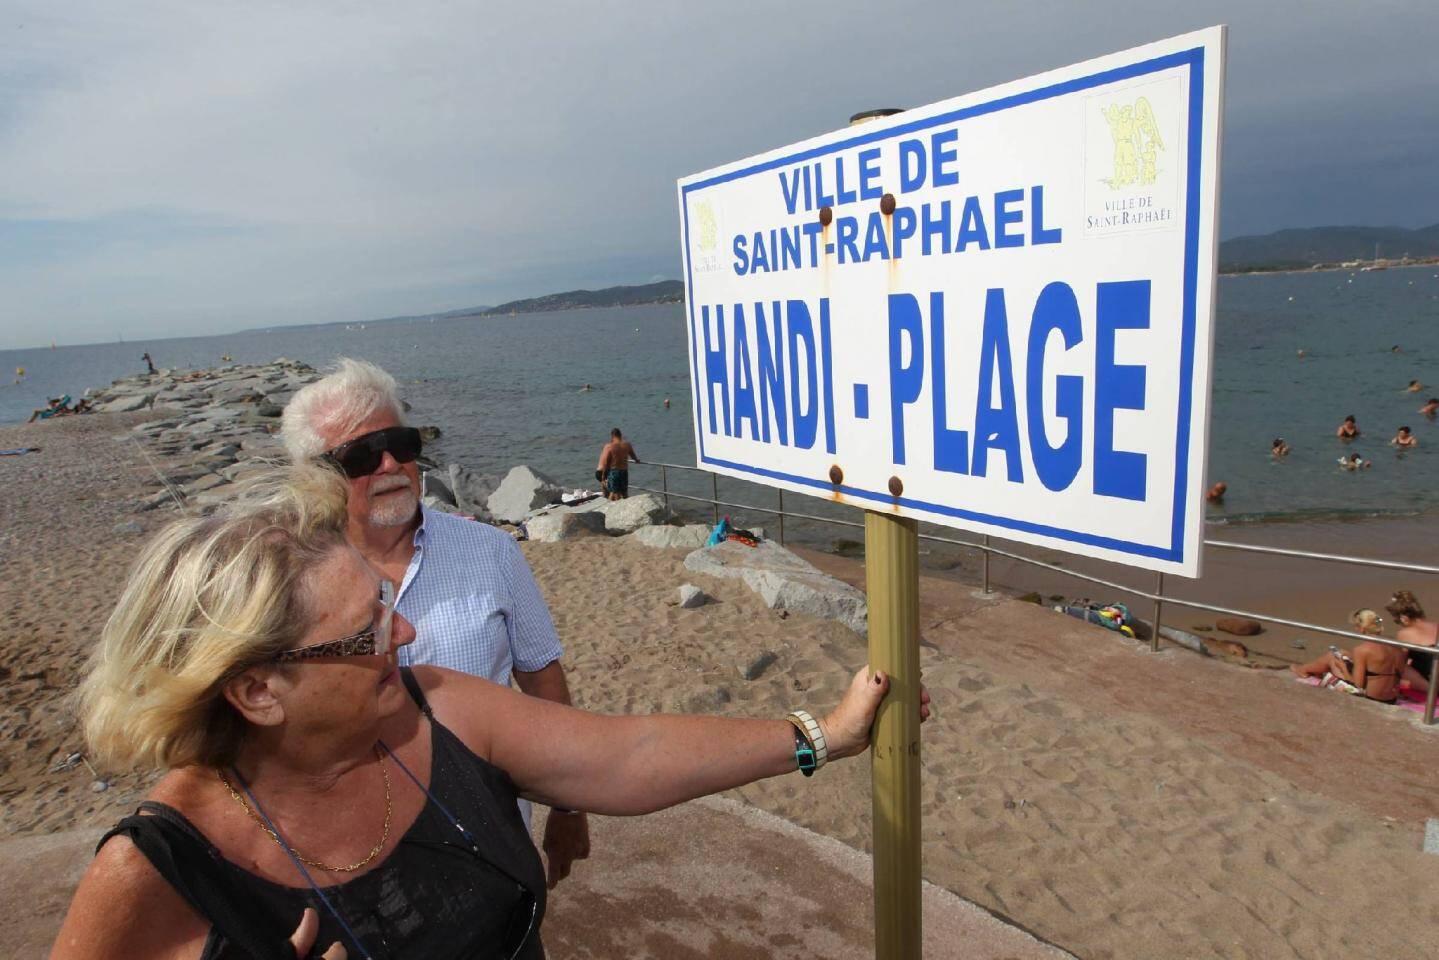 Beaucoup d'usagers dénoncent une plage sans équipements suffisants et pas assez sécurisée.